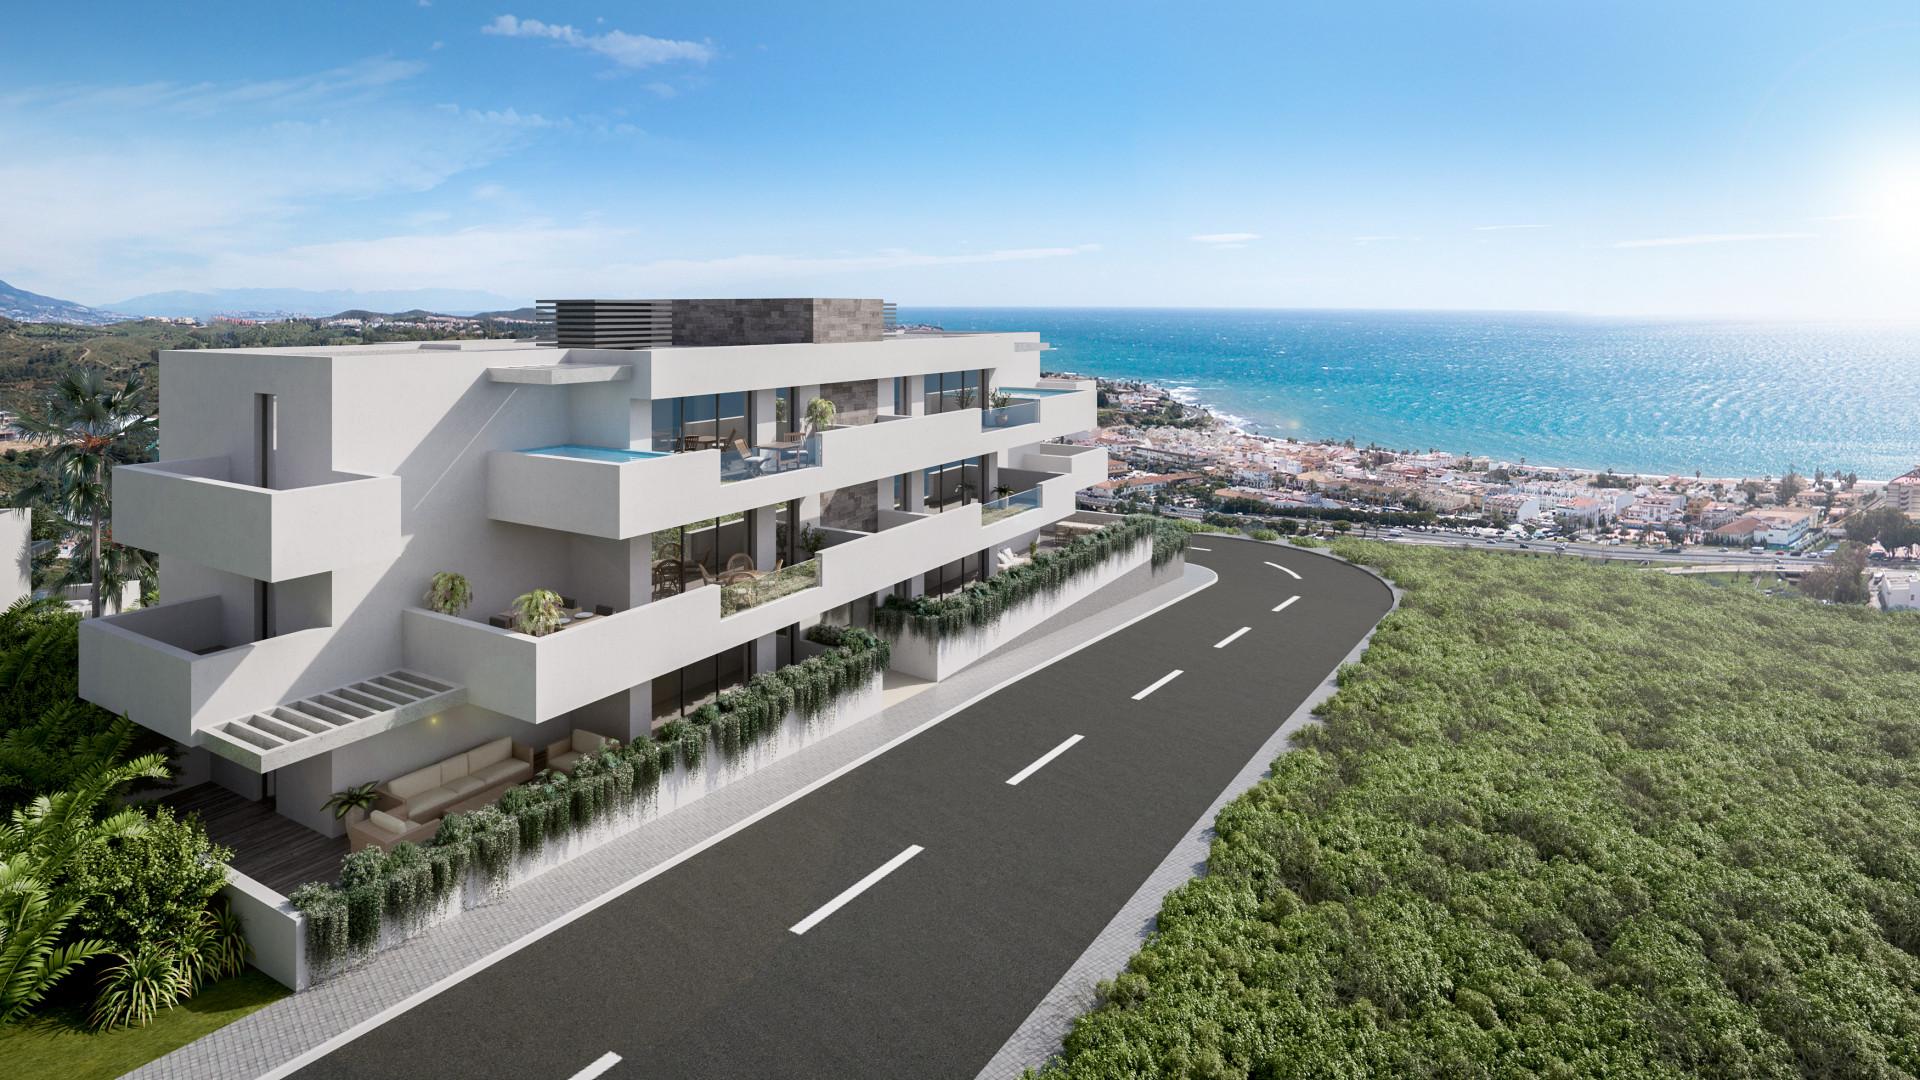 Nieuwbouw appartementen te koop in La Cala de Mijas. PL21